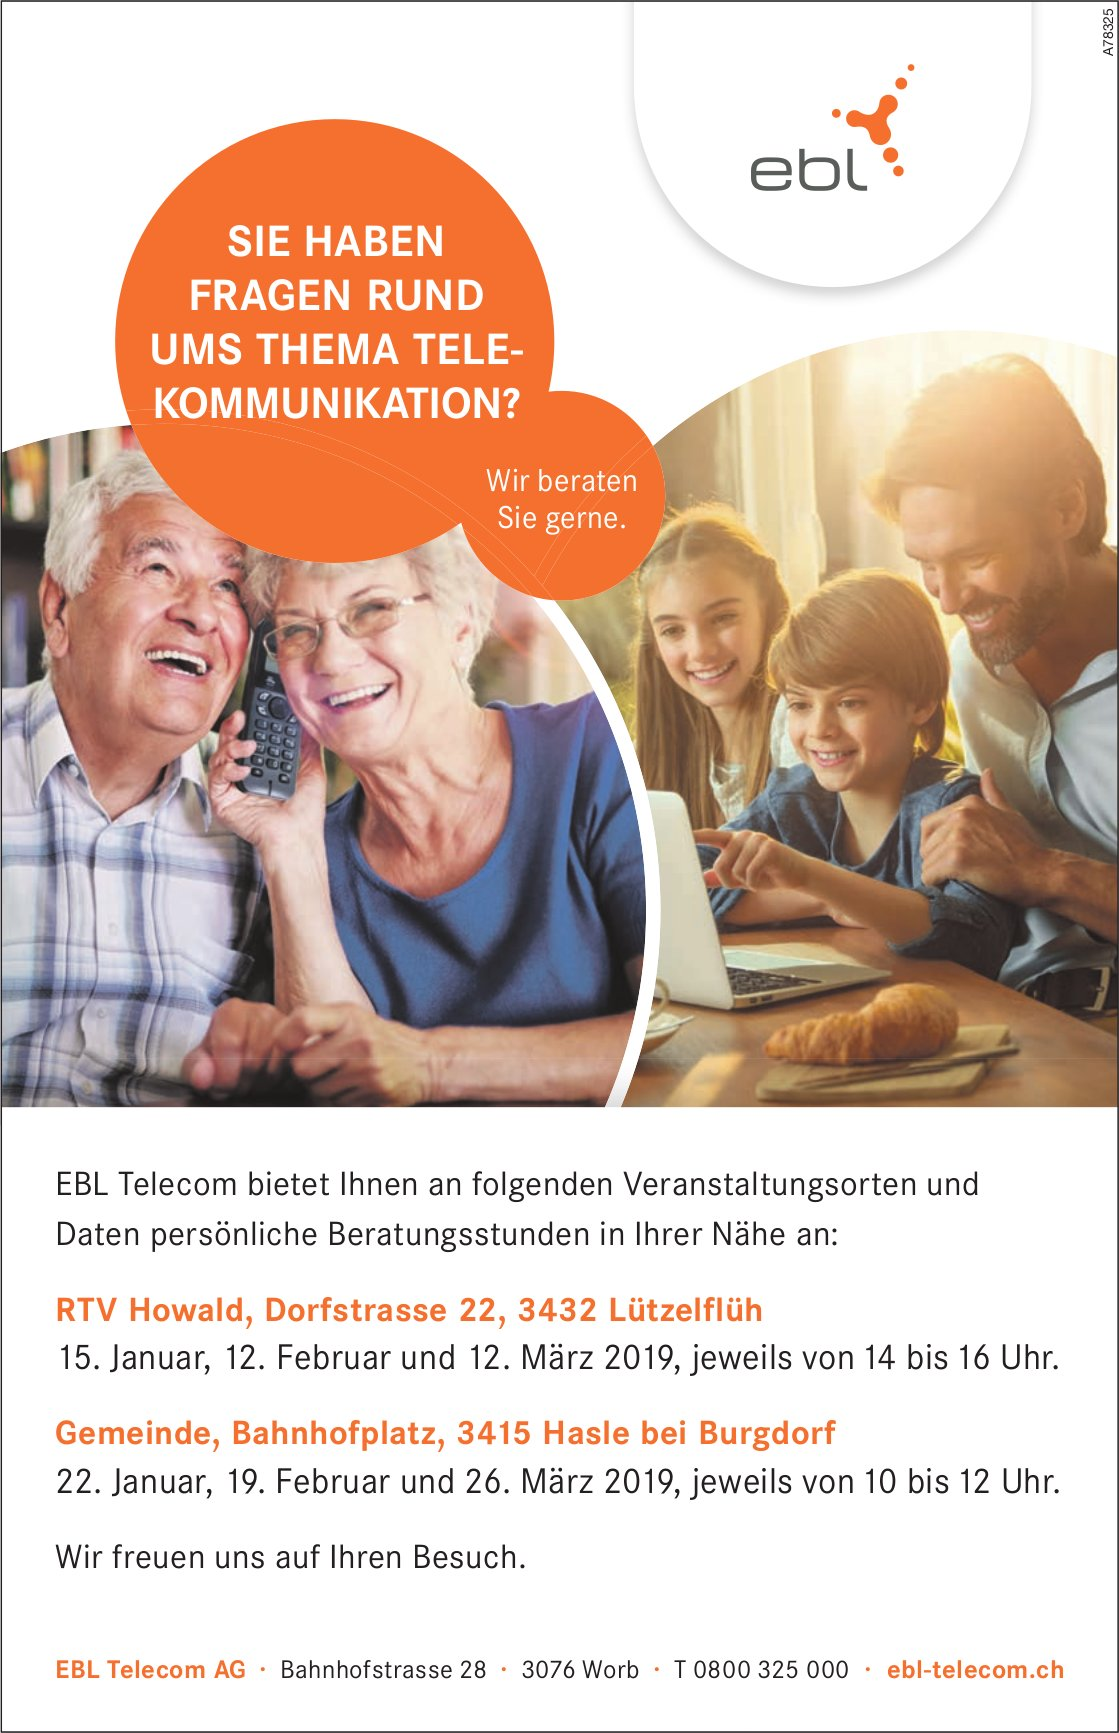 EBL Telecom, persönliche Beratungsstunden, 12. + 26. März, Lützelflüh & Hasle b. B.